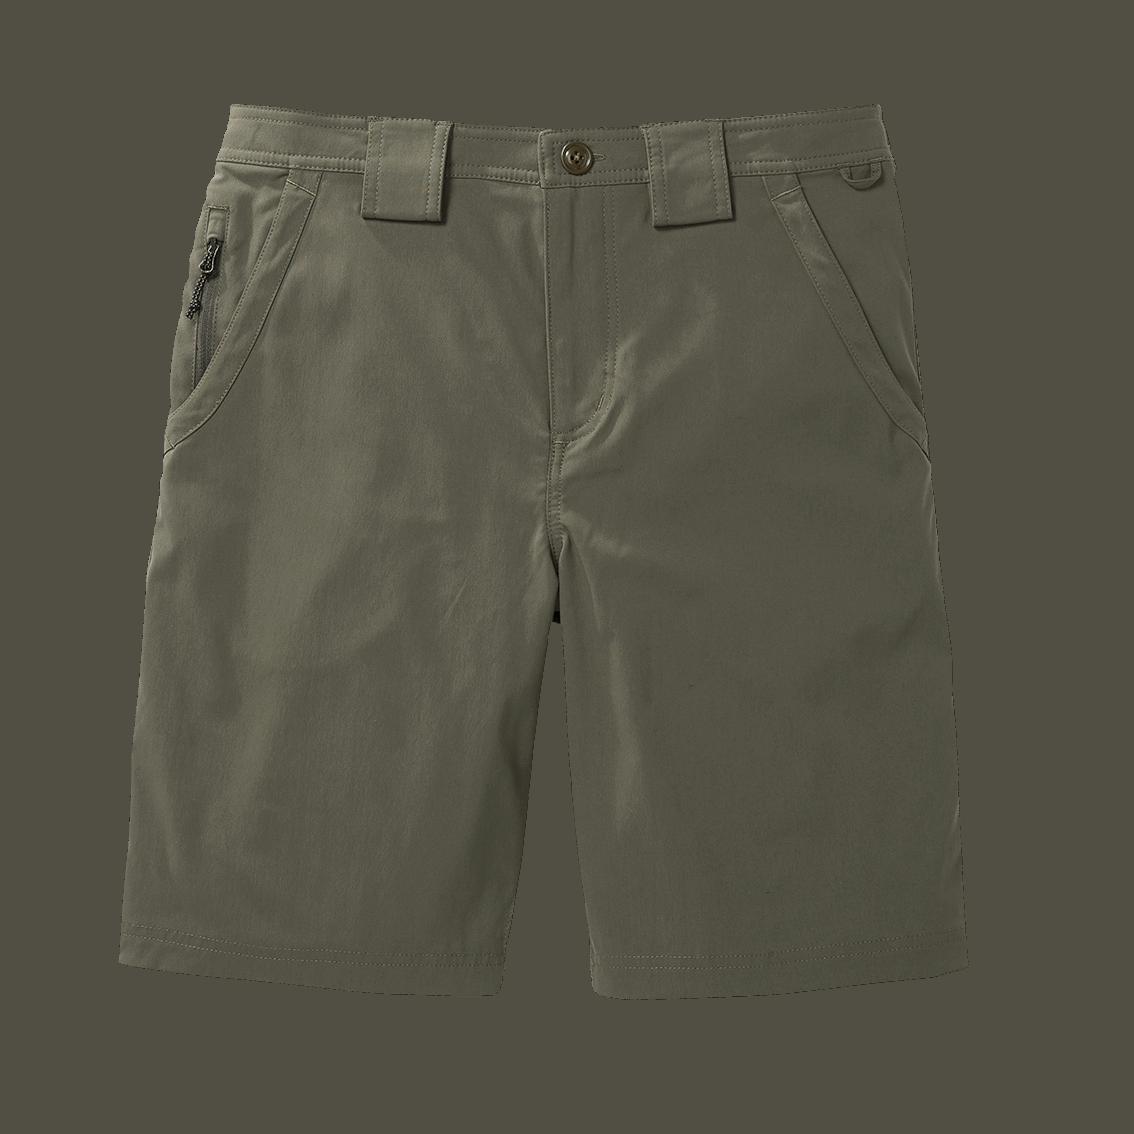 Filson Outdoorsman Short - evergreen